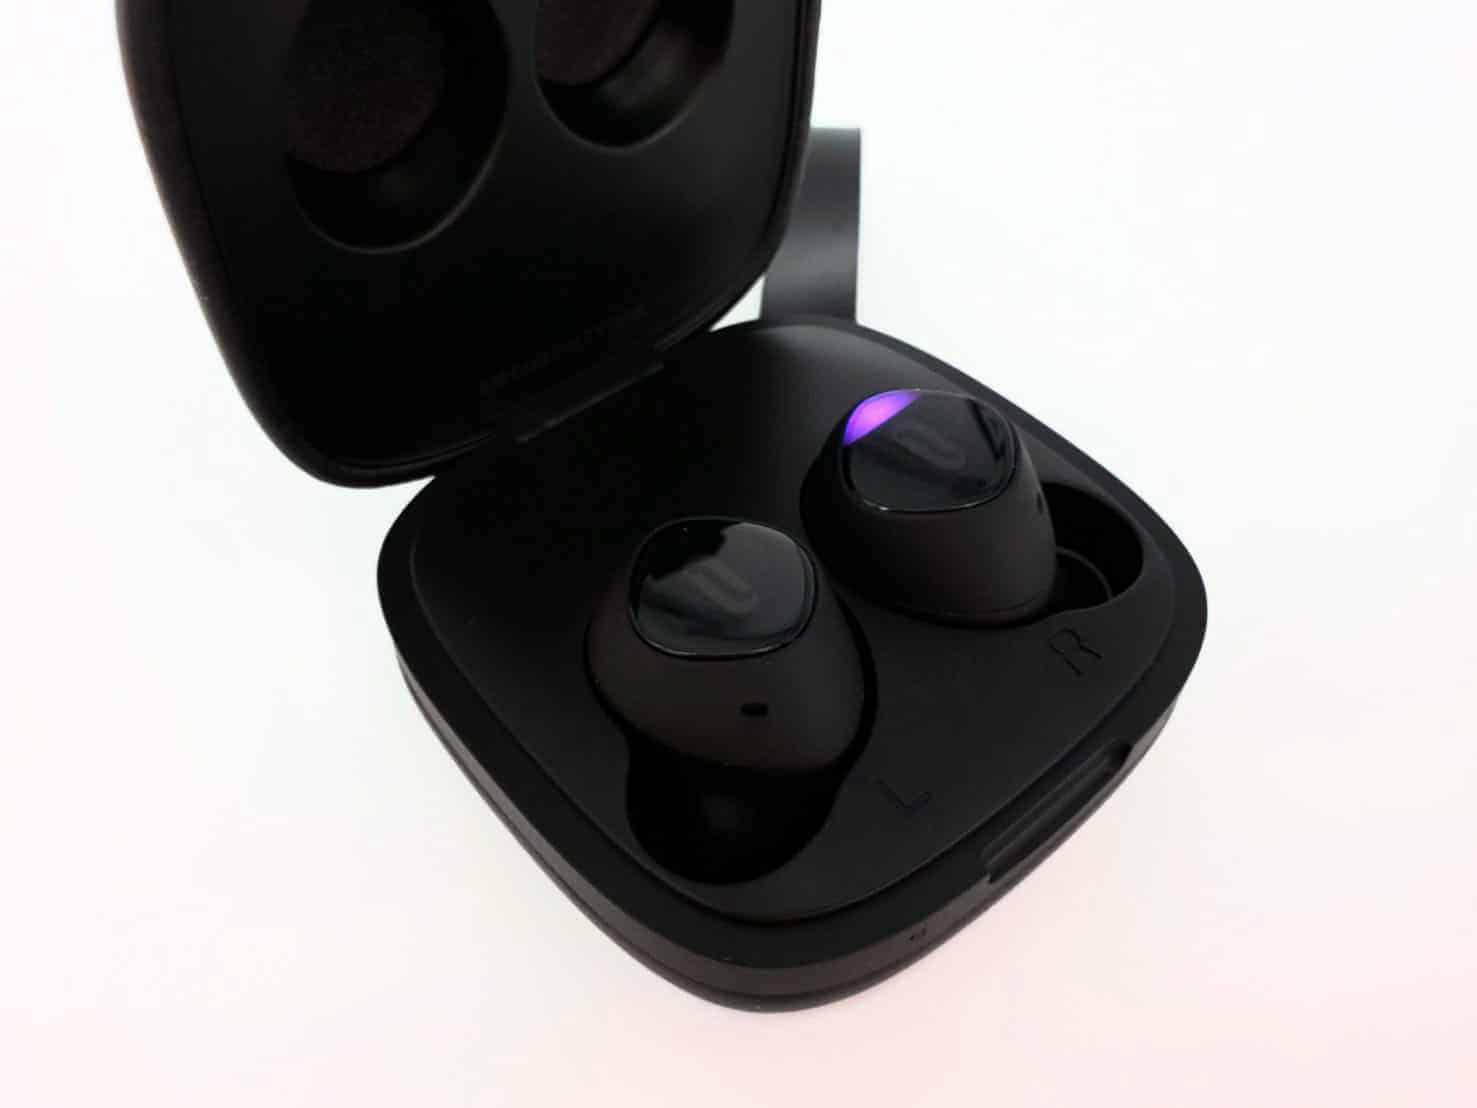 超平價!首創IEM入耳及質感皮革設計 - TaoTronics Duo Free真無線耳機推薦   TechTeller (科技說)